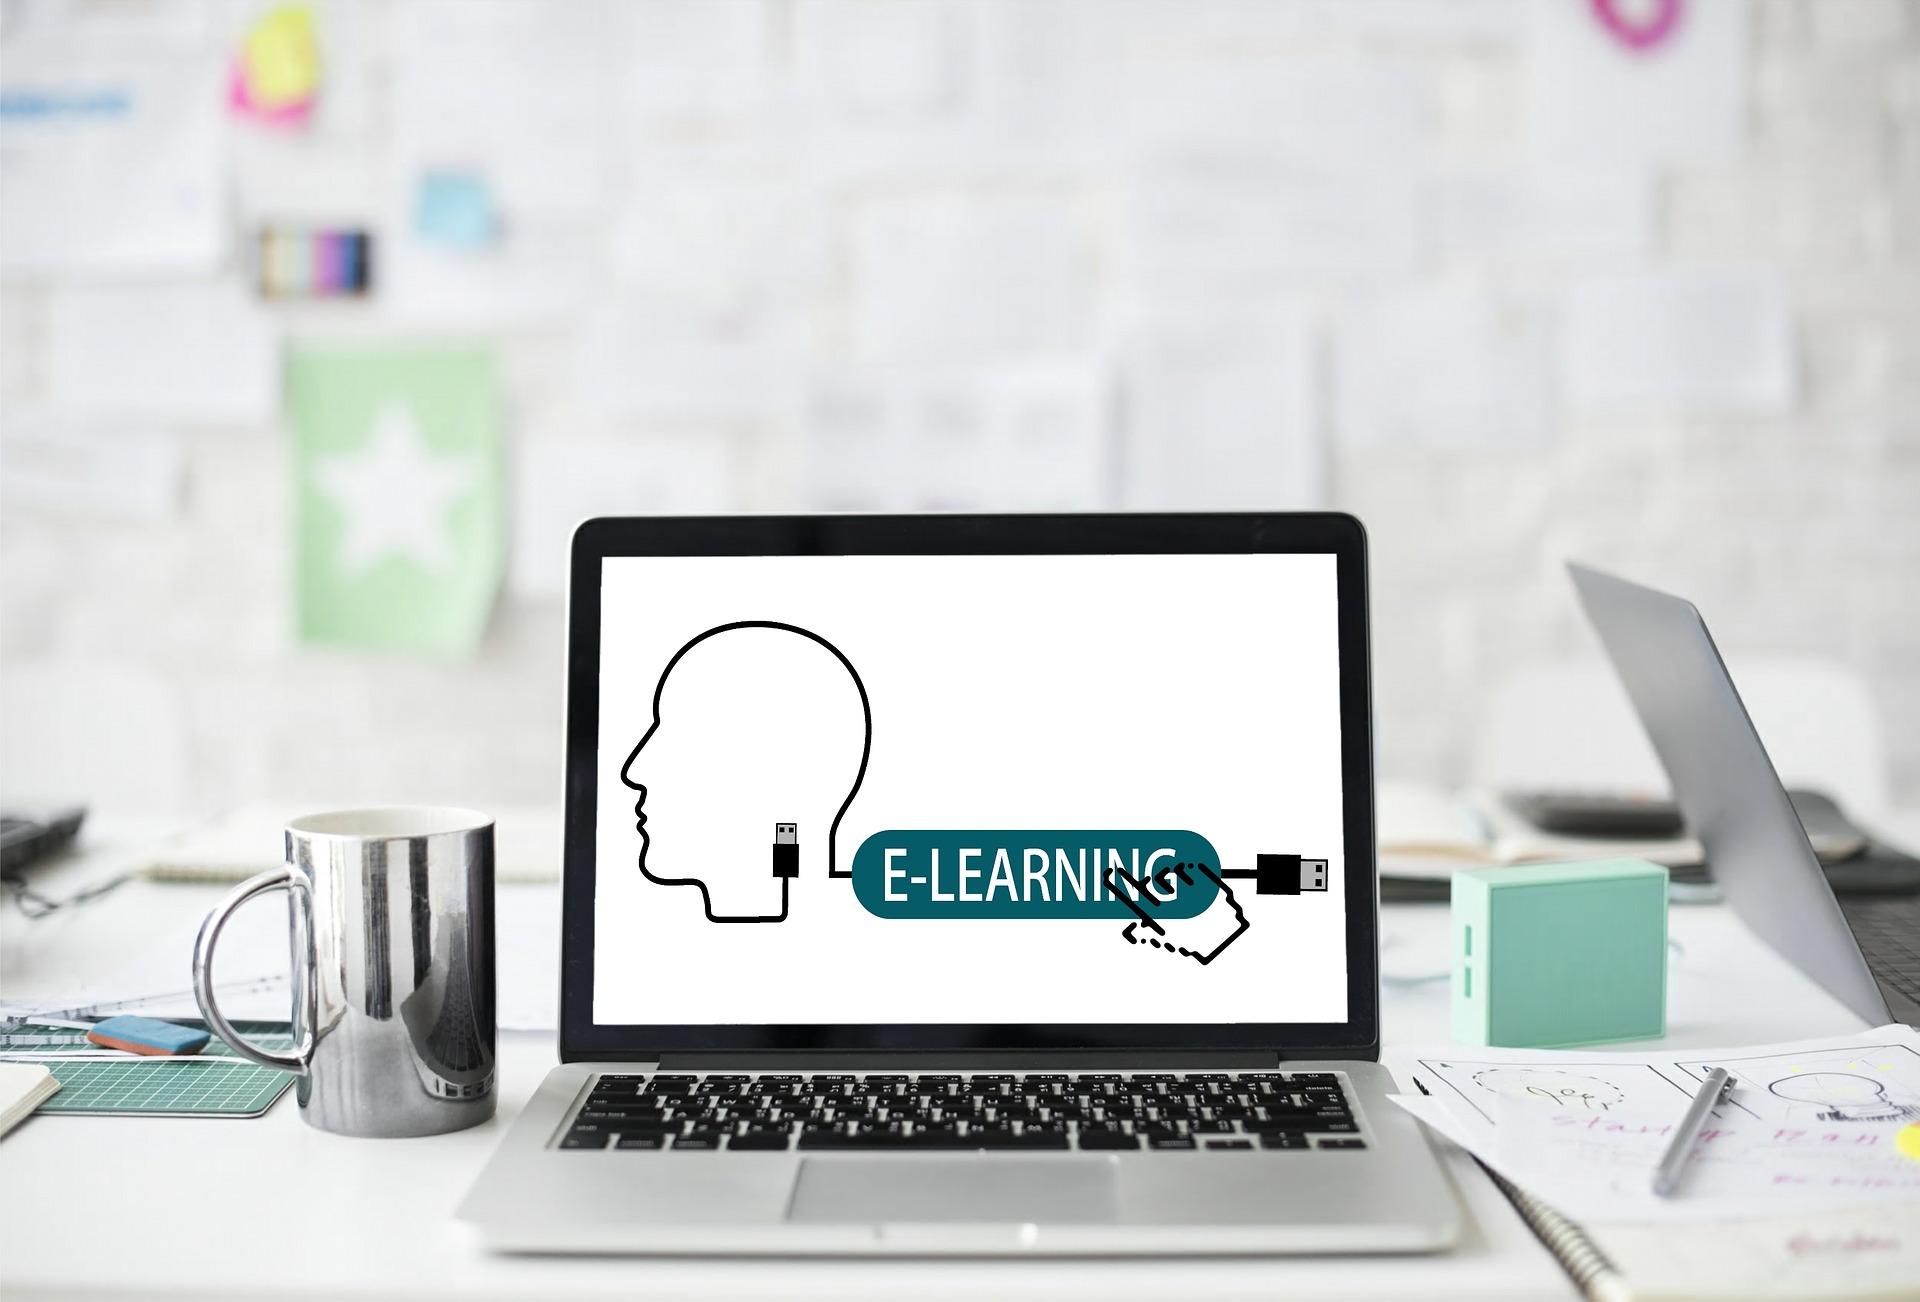 Descuentos en cursos de formación   - Descuentos en cursos de formación